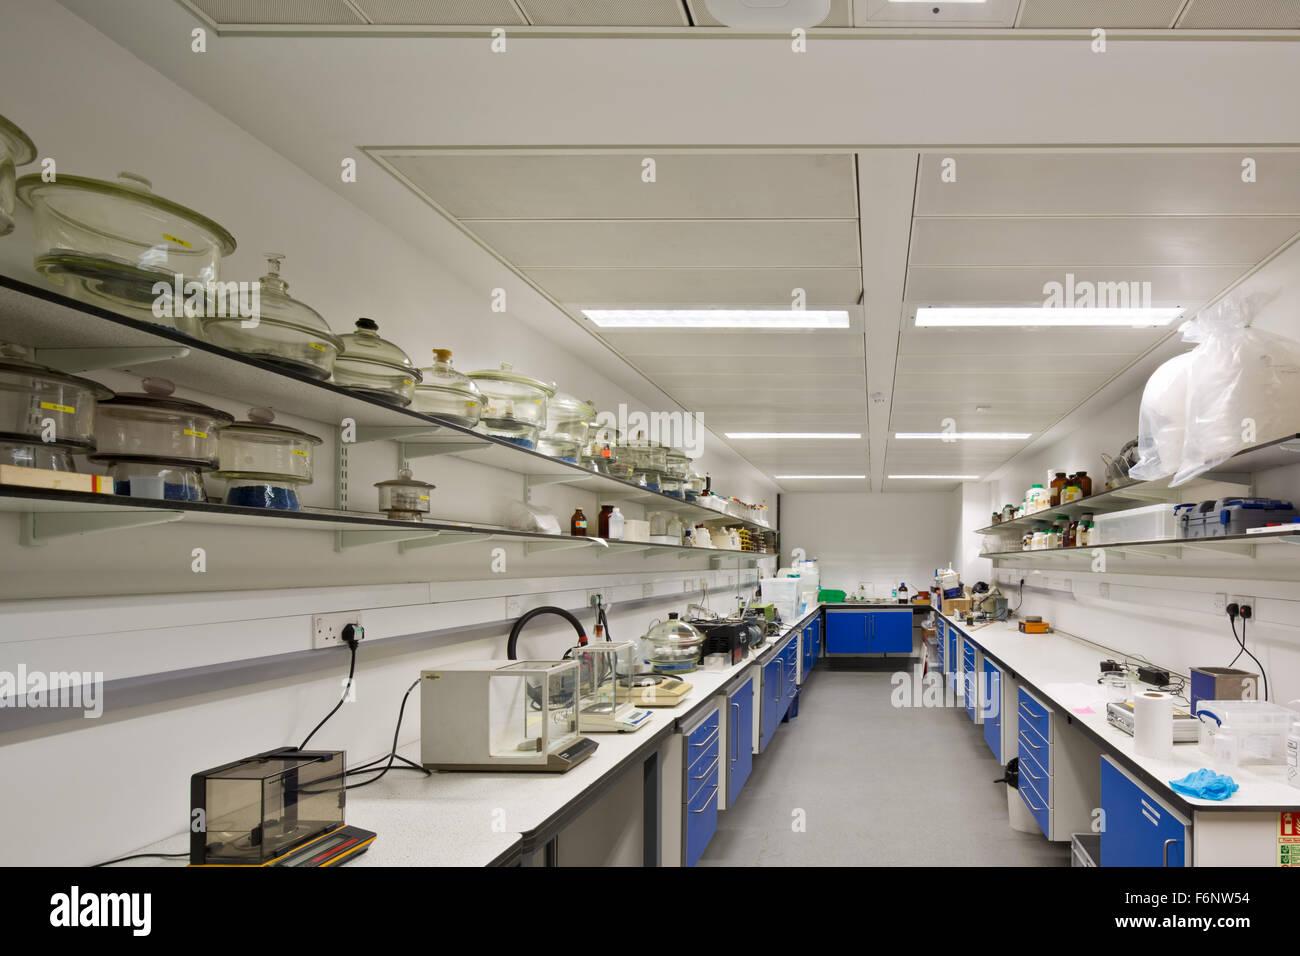 Laboratoire à l'Imperial College, Londres. Royal School of Mines Bâtiment. Photo Stock